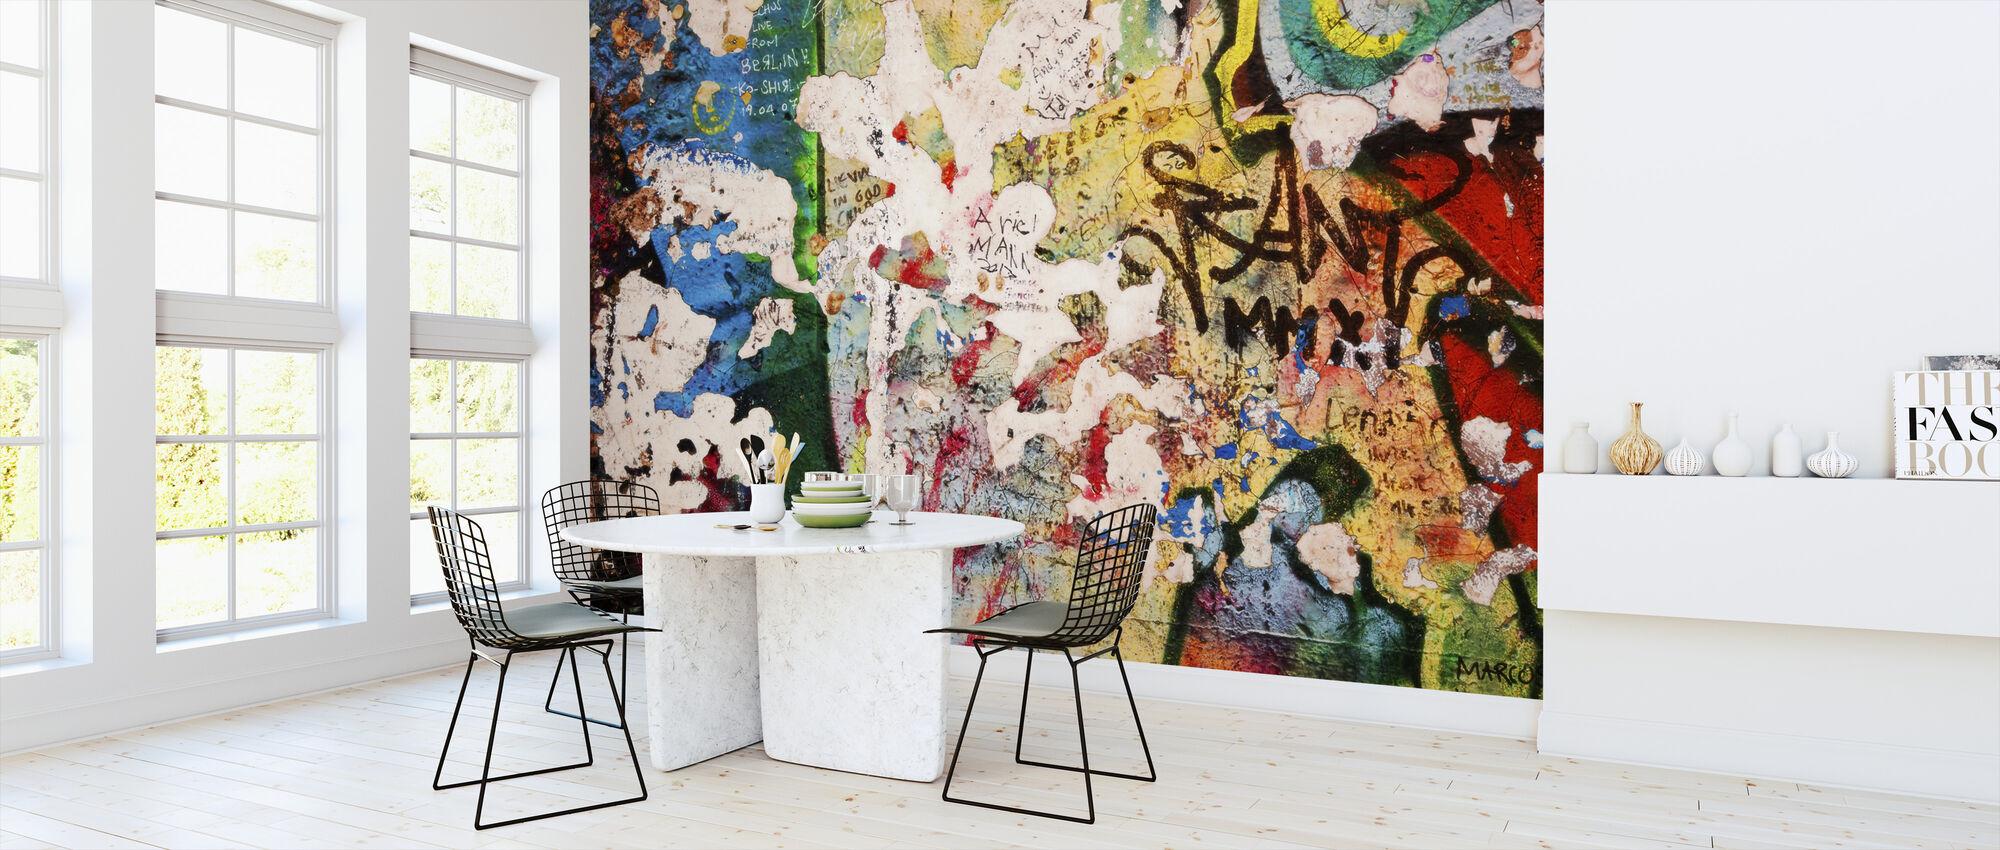 En del av Berlinmuren med Grunge Graffiti - Potsdamer Platz - Tapet - Kjøkken